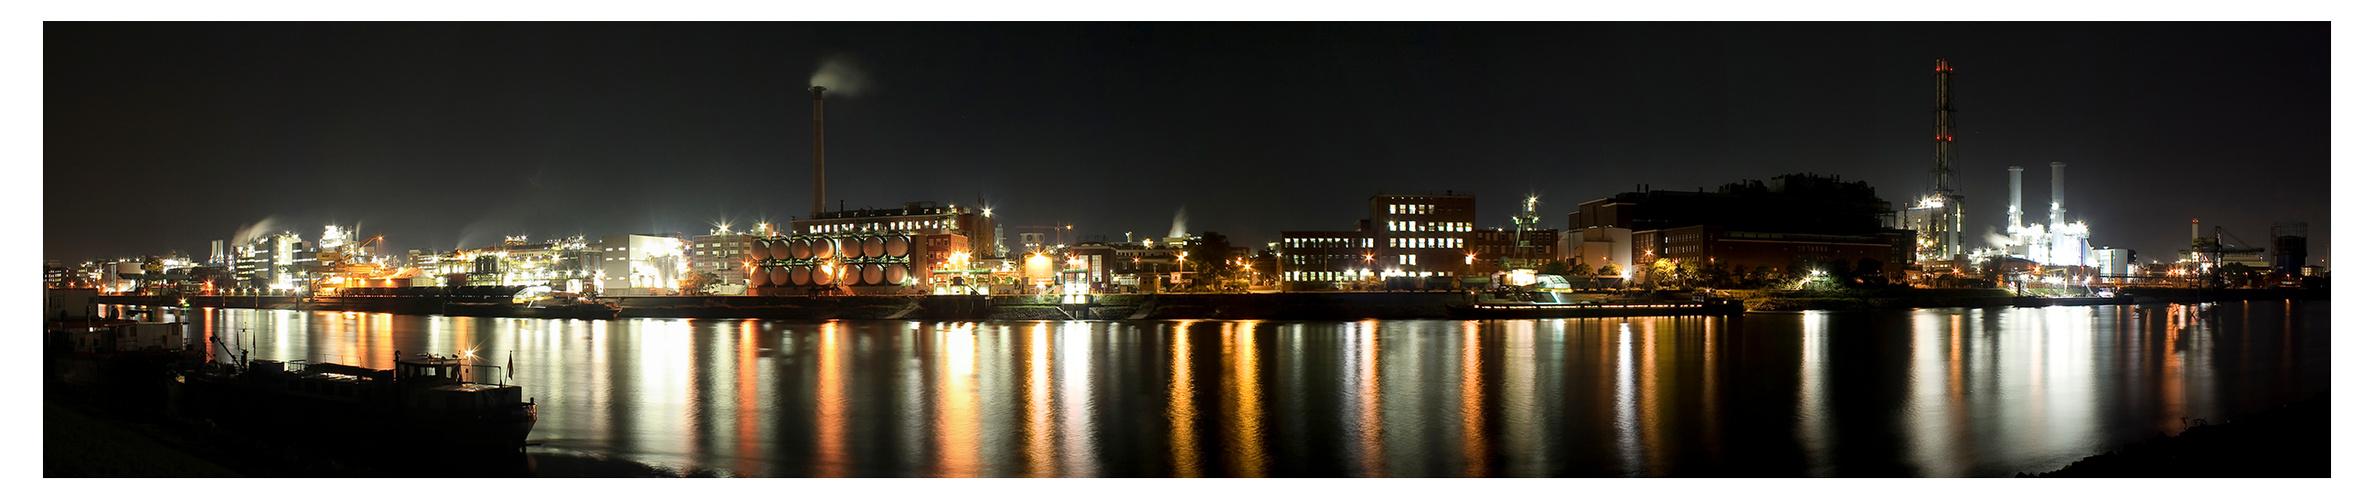 BASF Panorama ->nach rechts scrollen nicht vergessen :-)